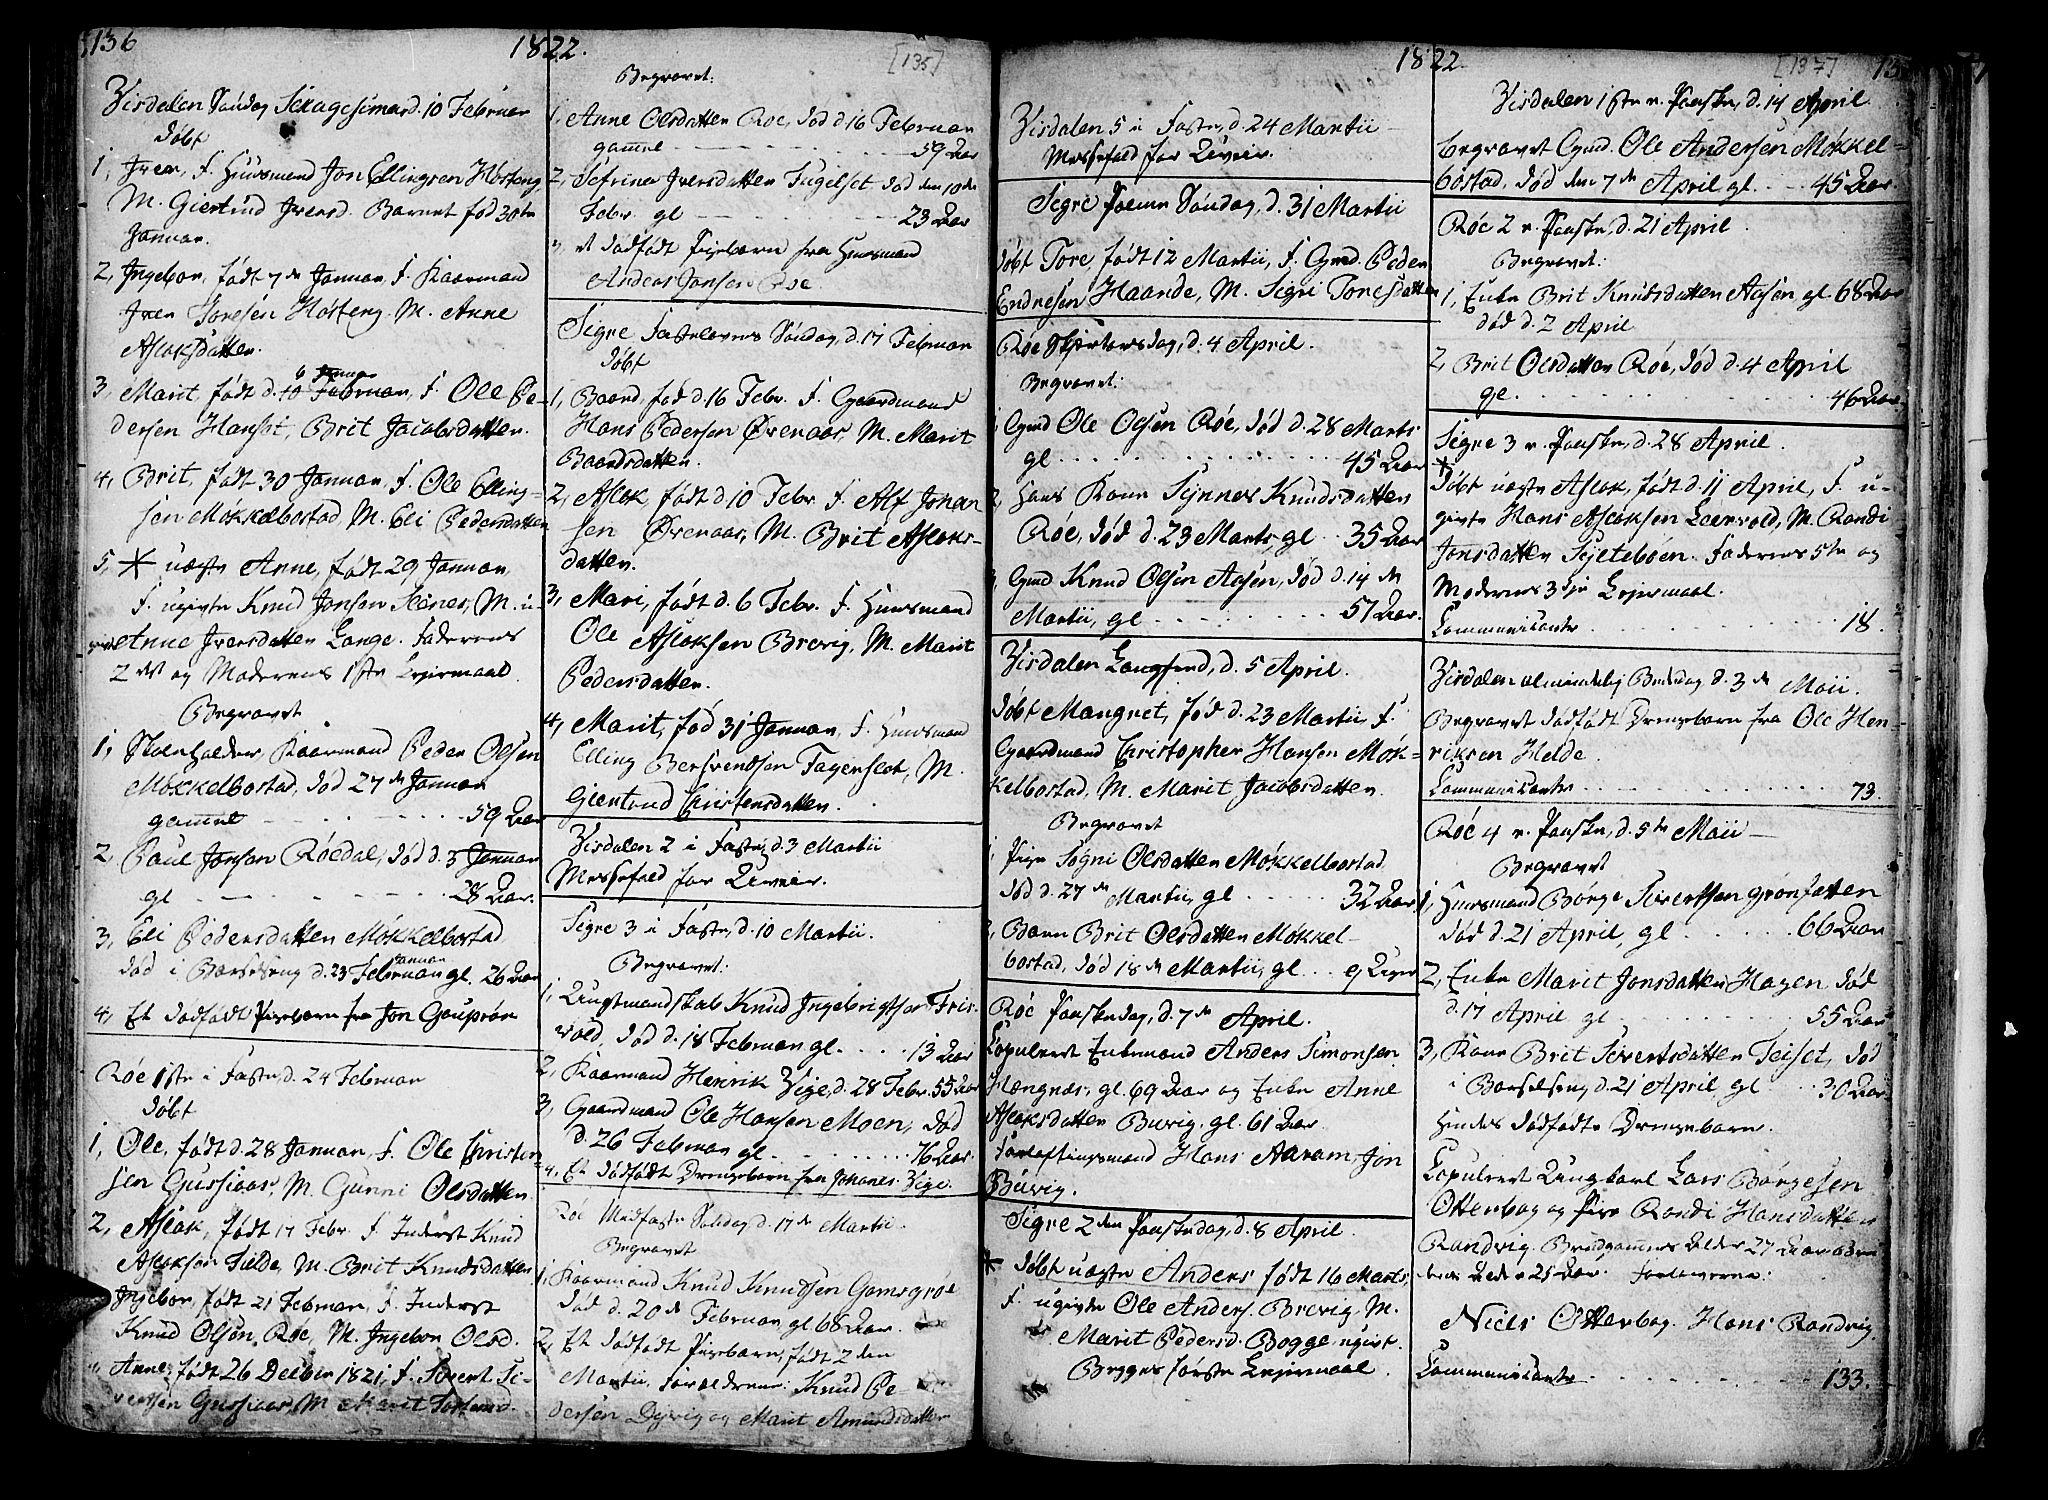 SAT, Ministerialprotokoller, klokkerbøker og fødselsregistre - Møre og Romsdal, 551/L0622: Parish register (official) no. 551A02, 1804-1845, p. 136-137